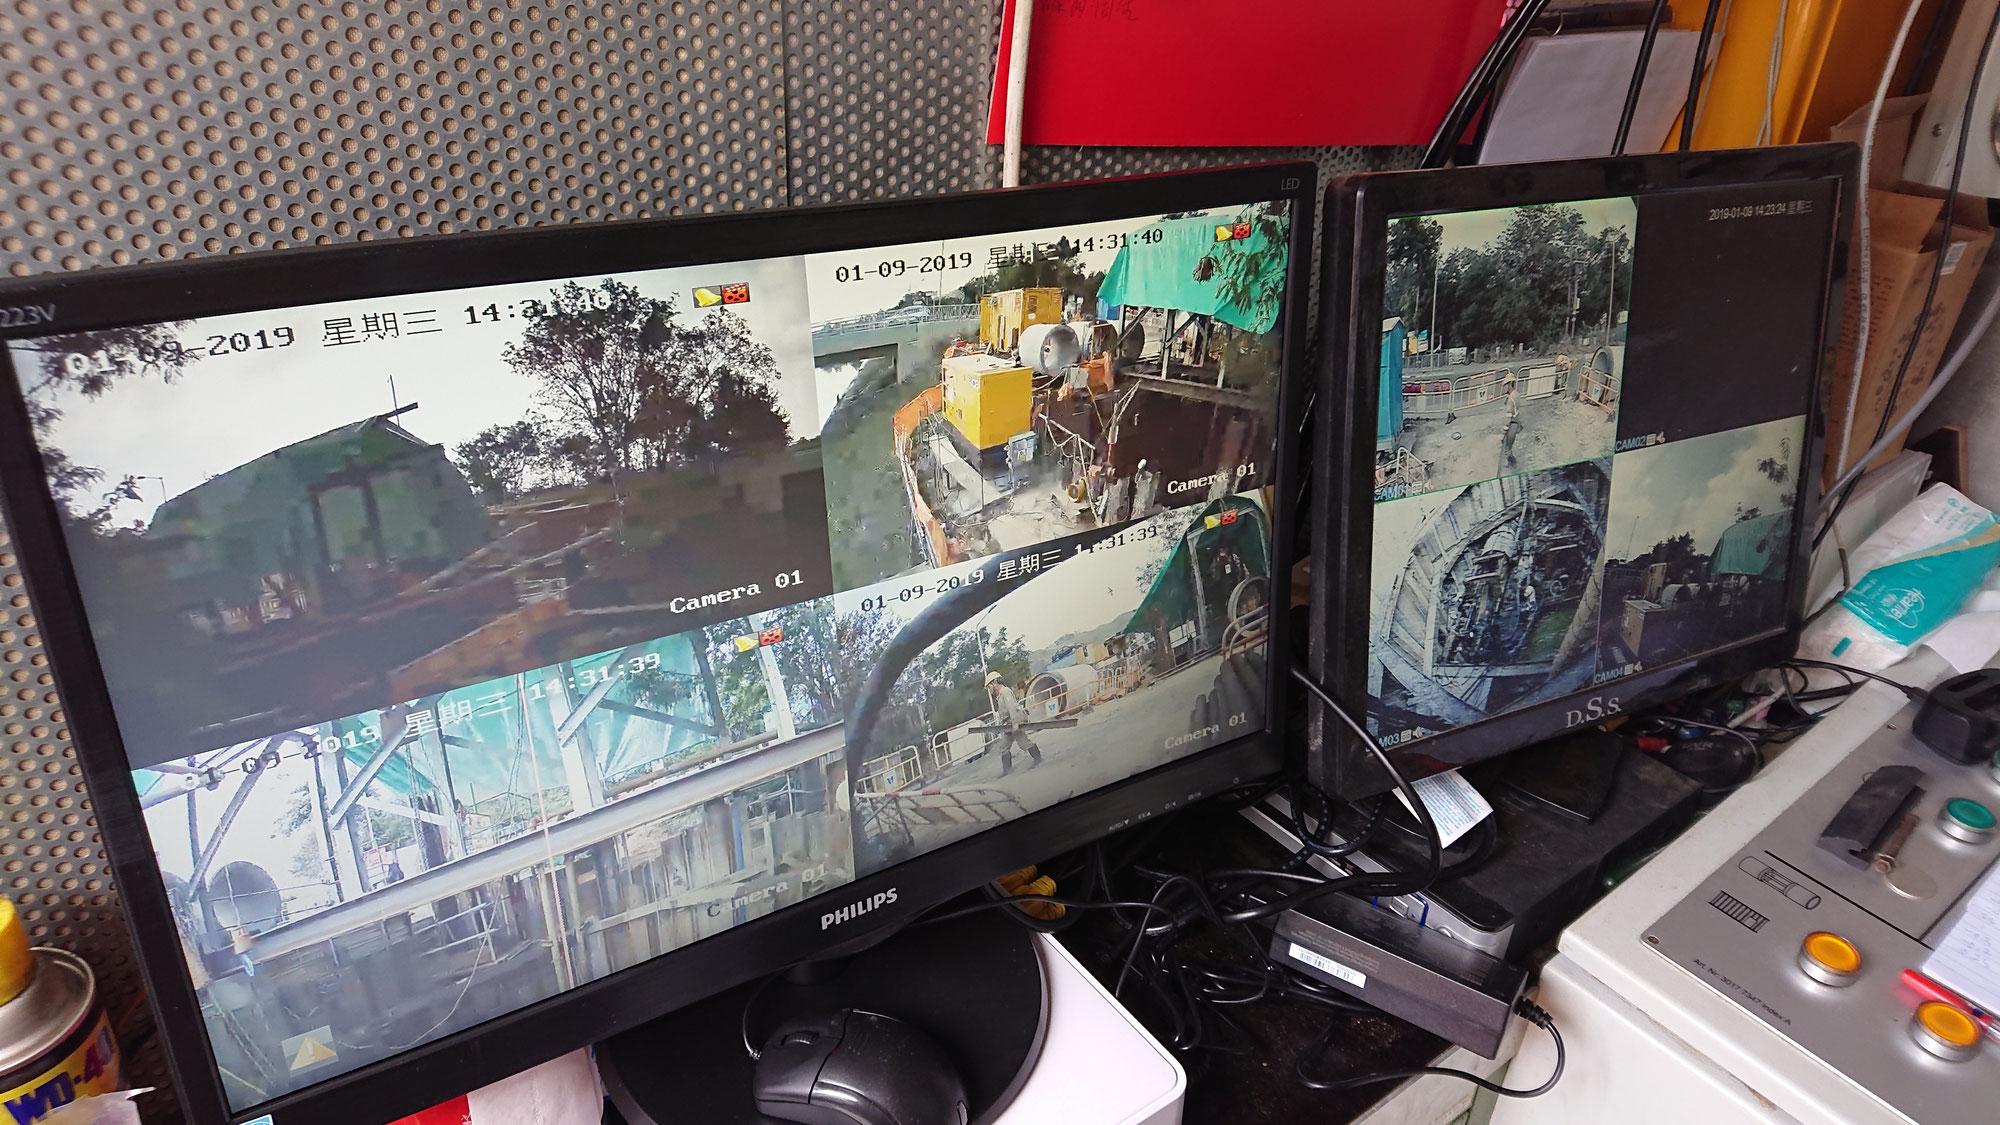 沙頭角安裝 CCTV工程 (CCTV installation)